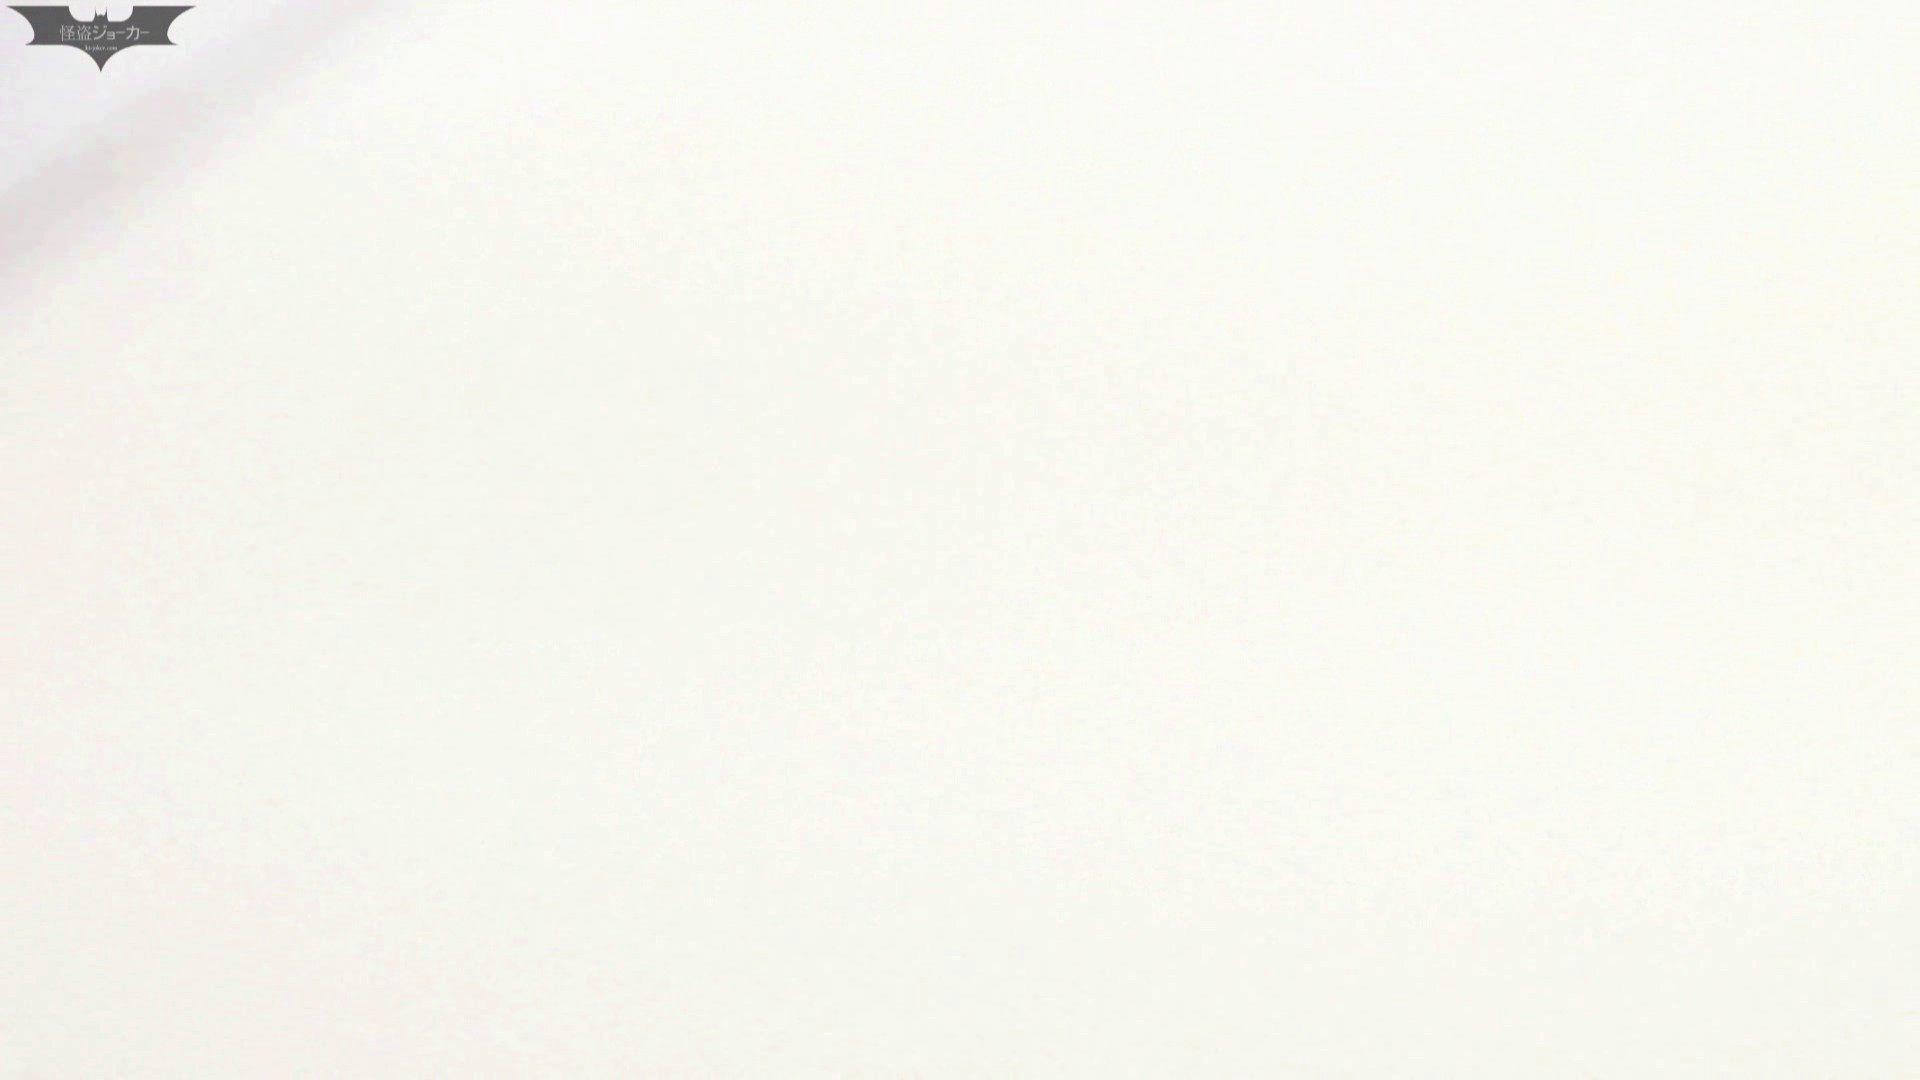 お銀 vol.68 無謀に通路に飛び出て一番明るいフロント撮り実現、見所満載 美人  103pic 27